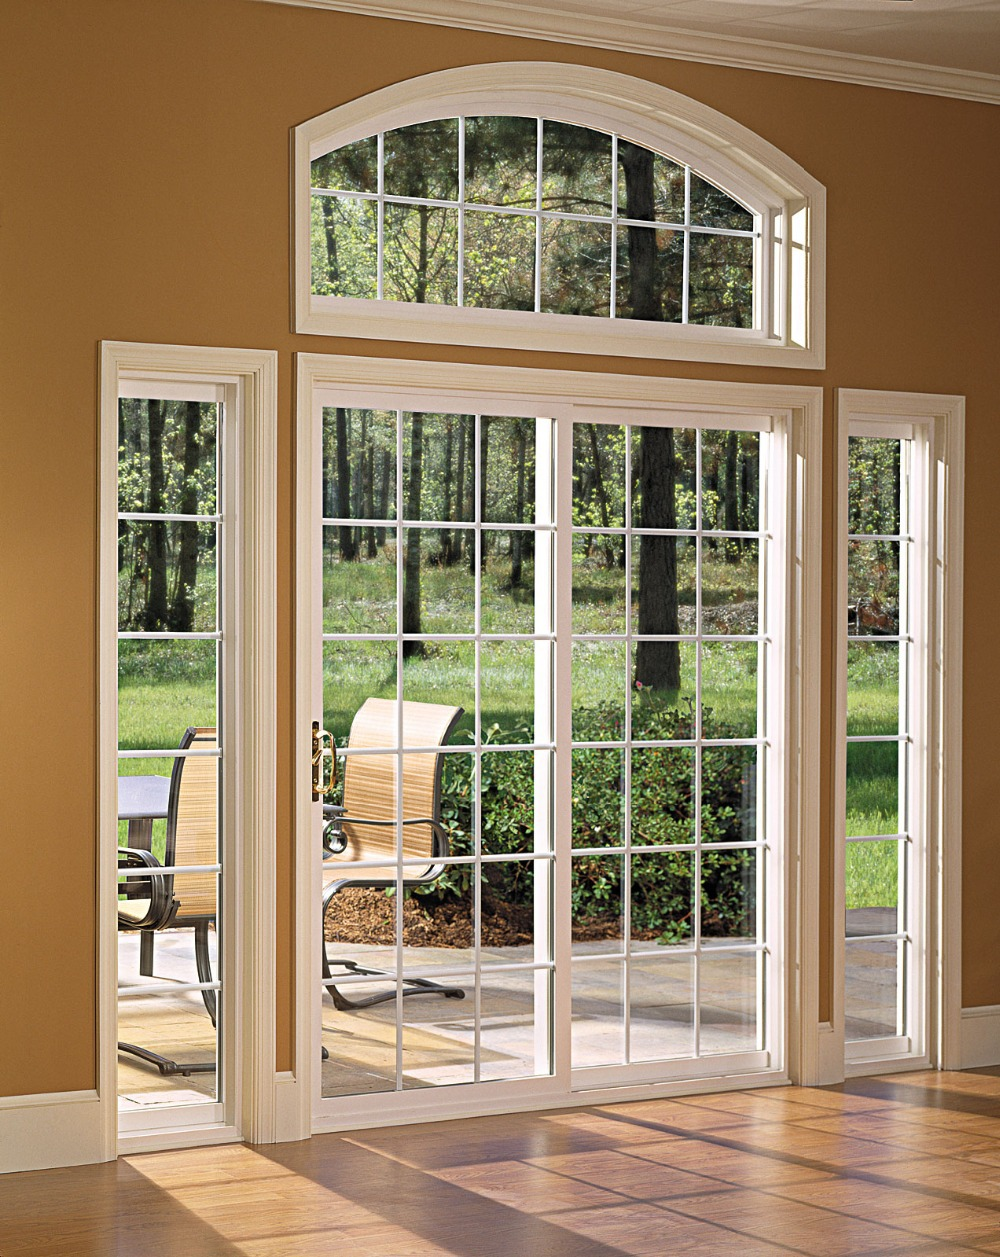 Modern Design Aluminum Door And Window For New Home